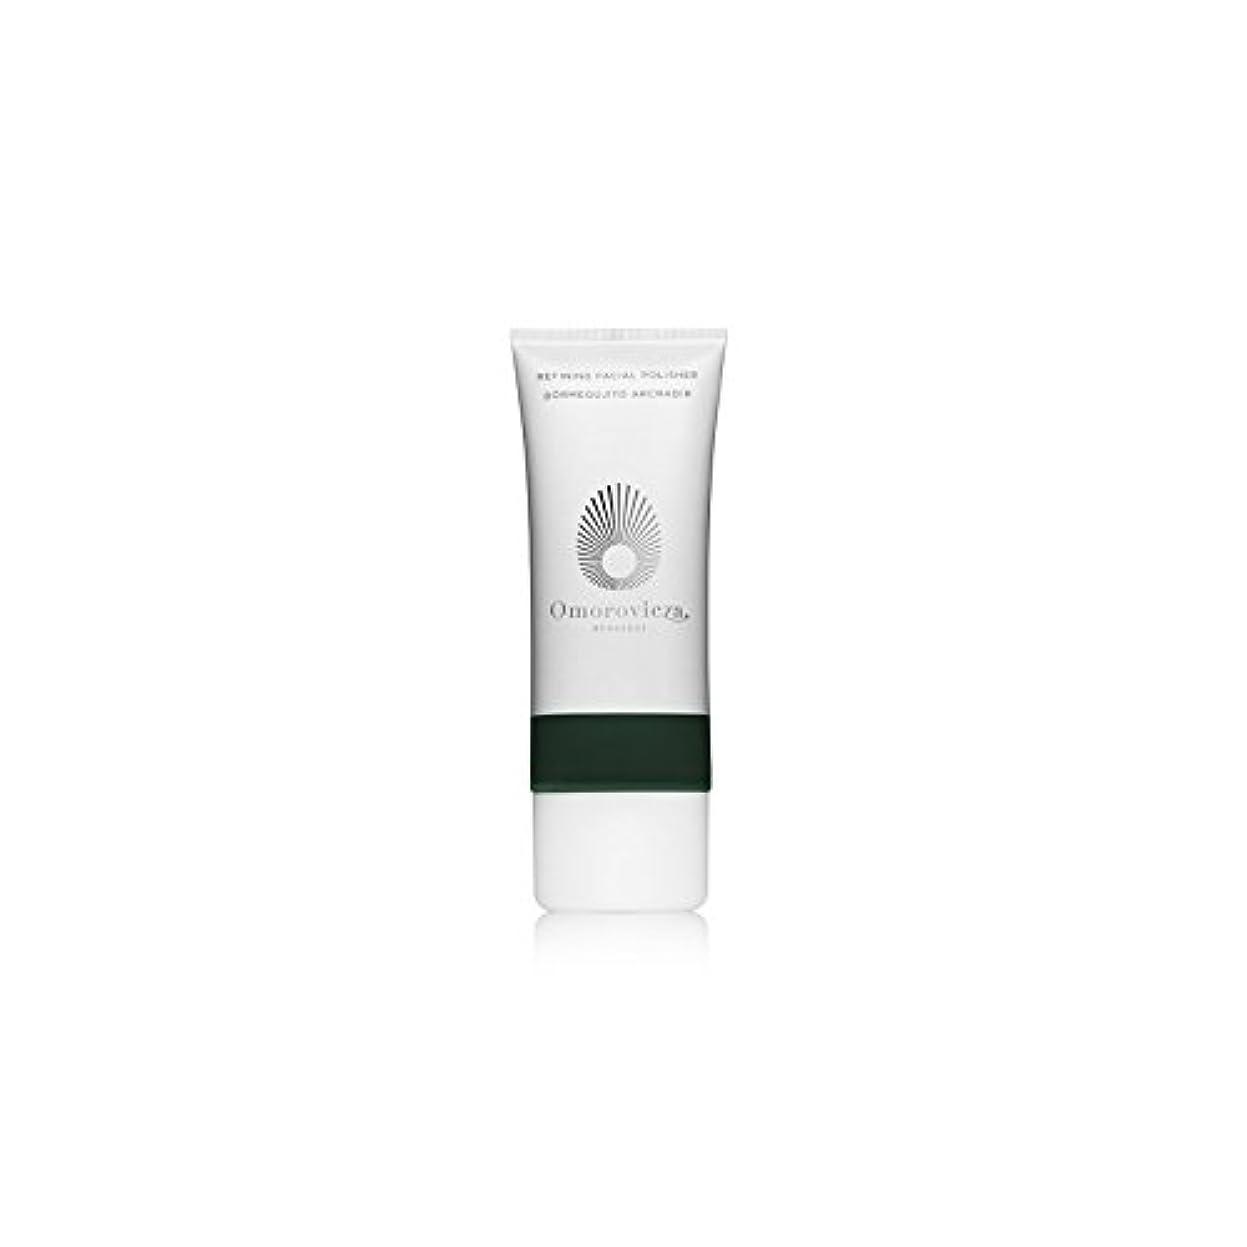 リラックスしたまさに溶けるOmorovicza Refining Facial Polisher (100ml) (Pack of 6) - 精錬顔のポリッシャー(100ミリリットル) x6 [並行輸入品]